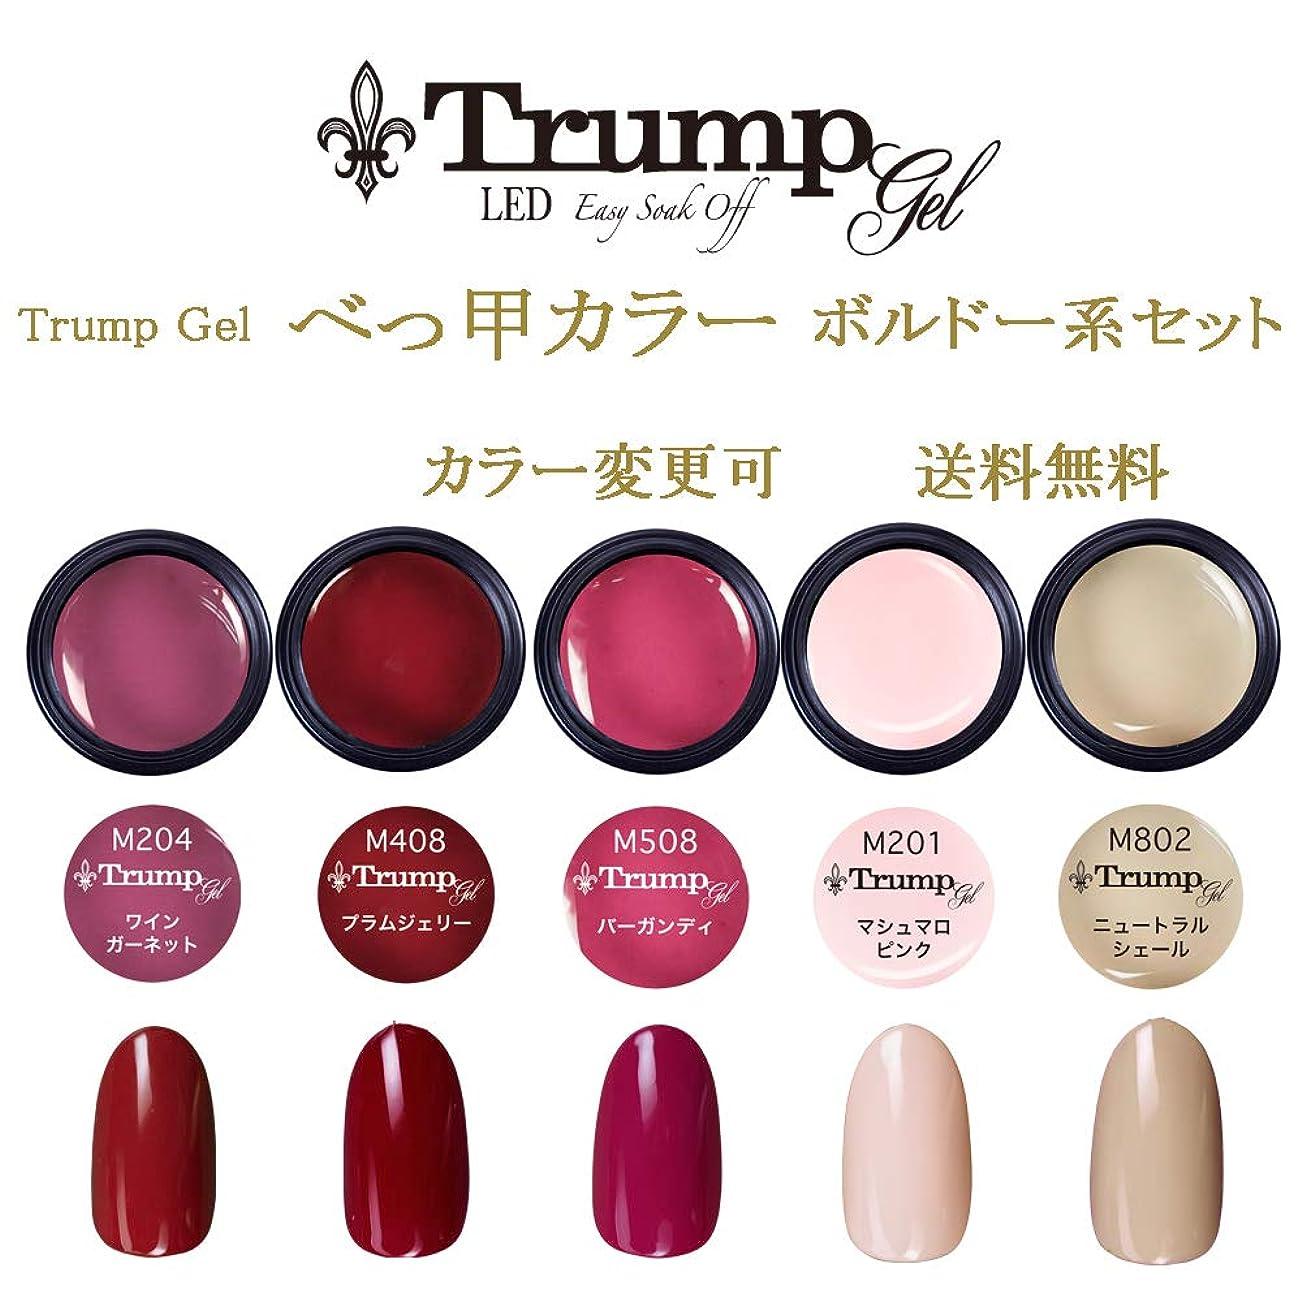 トムオードリースタイヤパブ【送料無料】日本製 Trump gel トランプジェル べっ甲カラー ボルドー系 選べる カラージェル 5個セット べっ甲ネイル ボルドー ブラウン ホワイト ラメ カラー